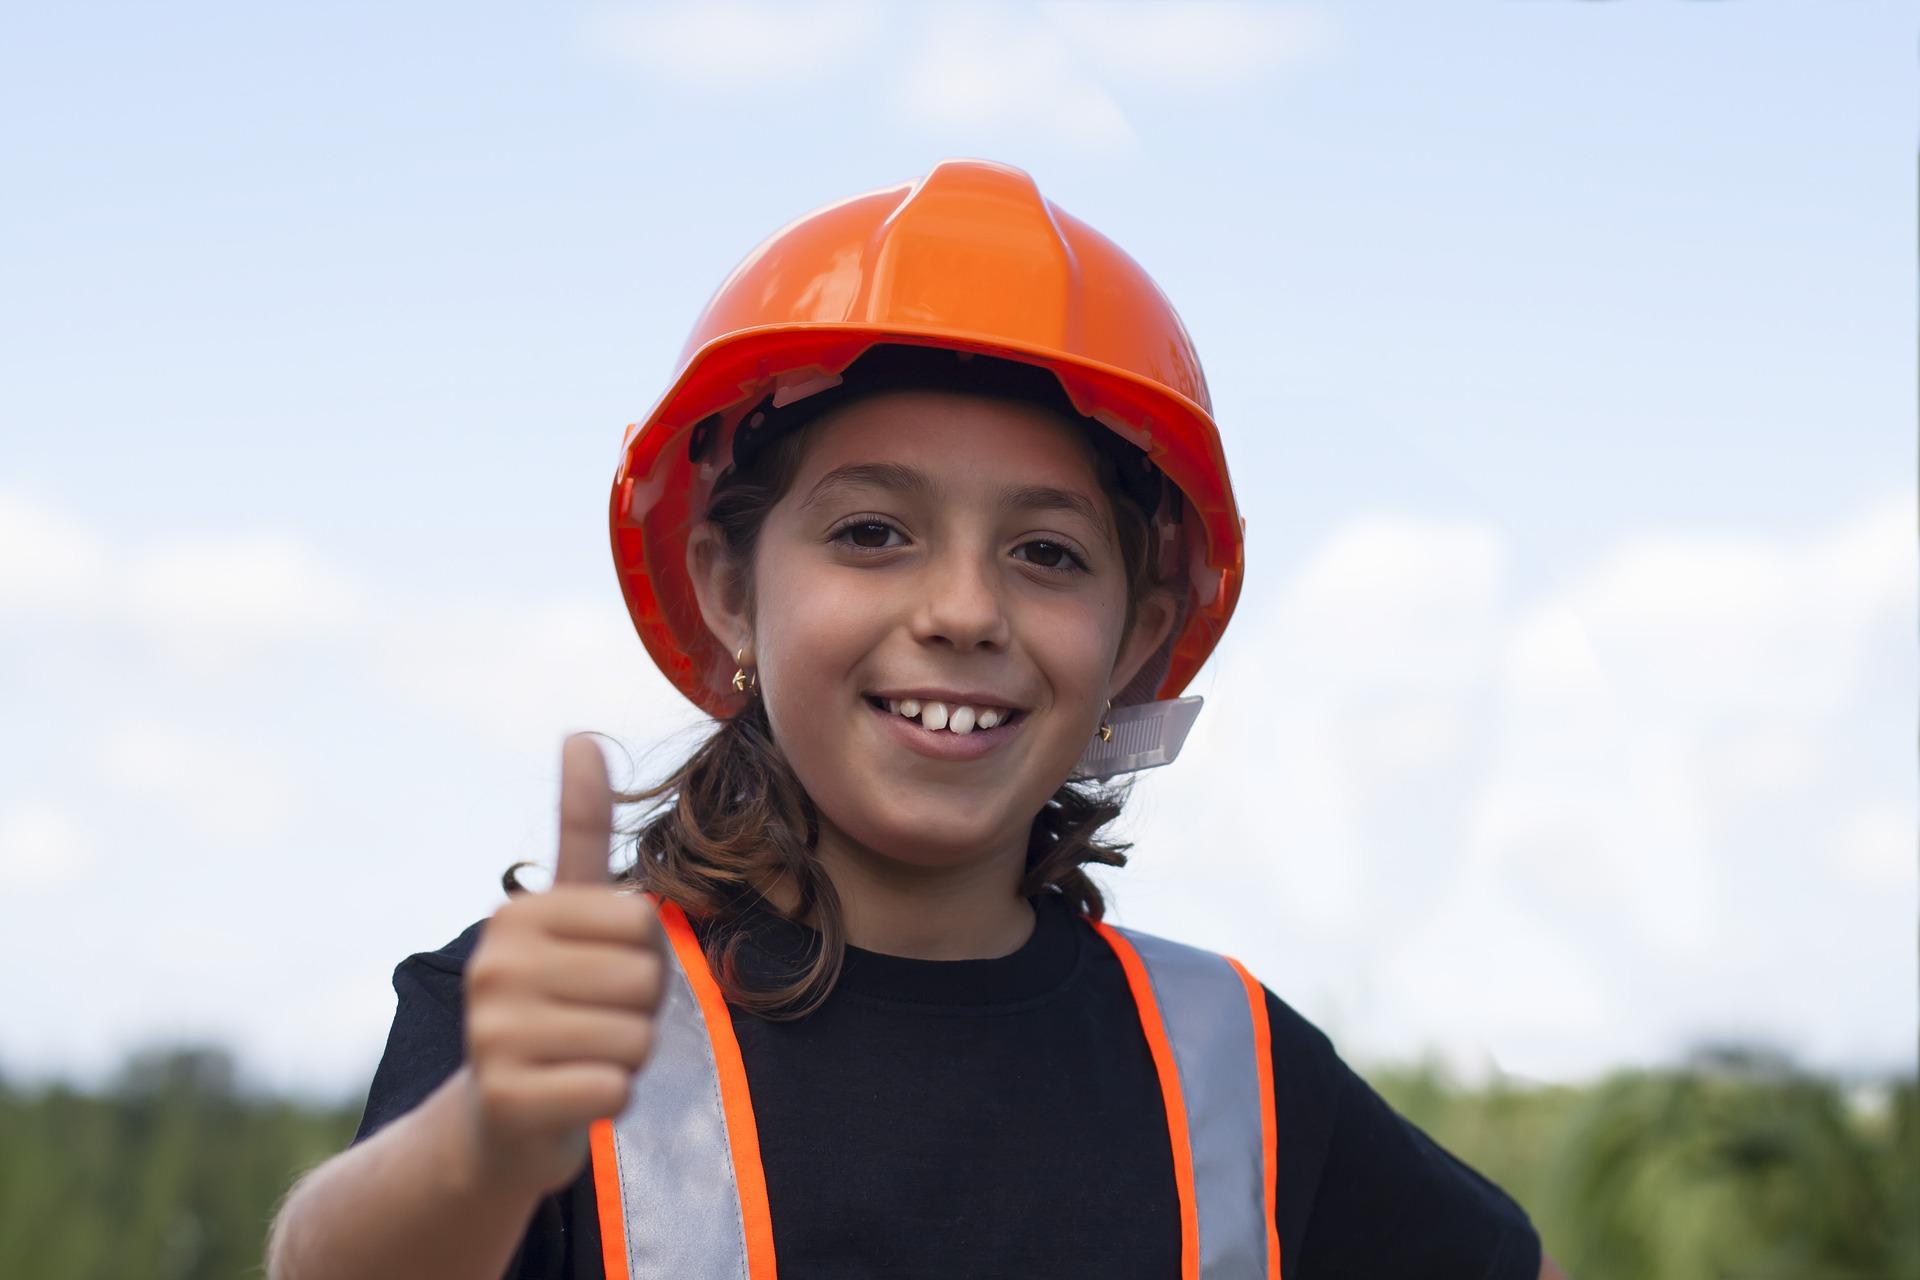 Les vêtements de protection : essentiels pour les travaux à risque 2